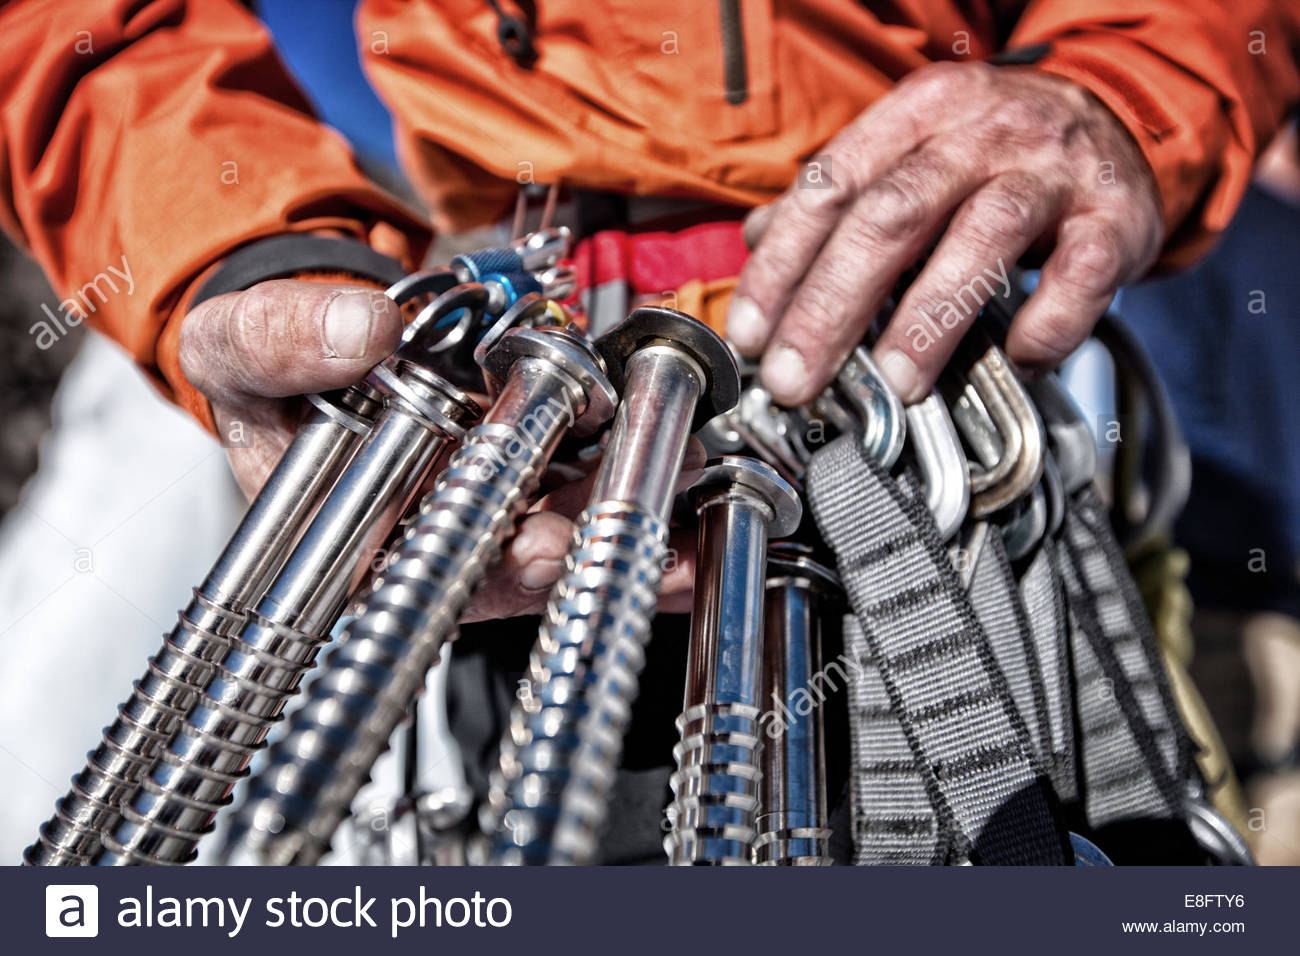 Ice climber holding ice screws, Lake City, Colorado, America, USA - Stock Image